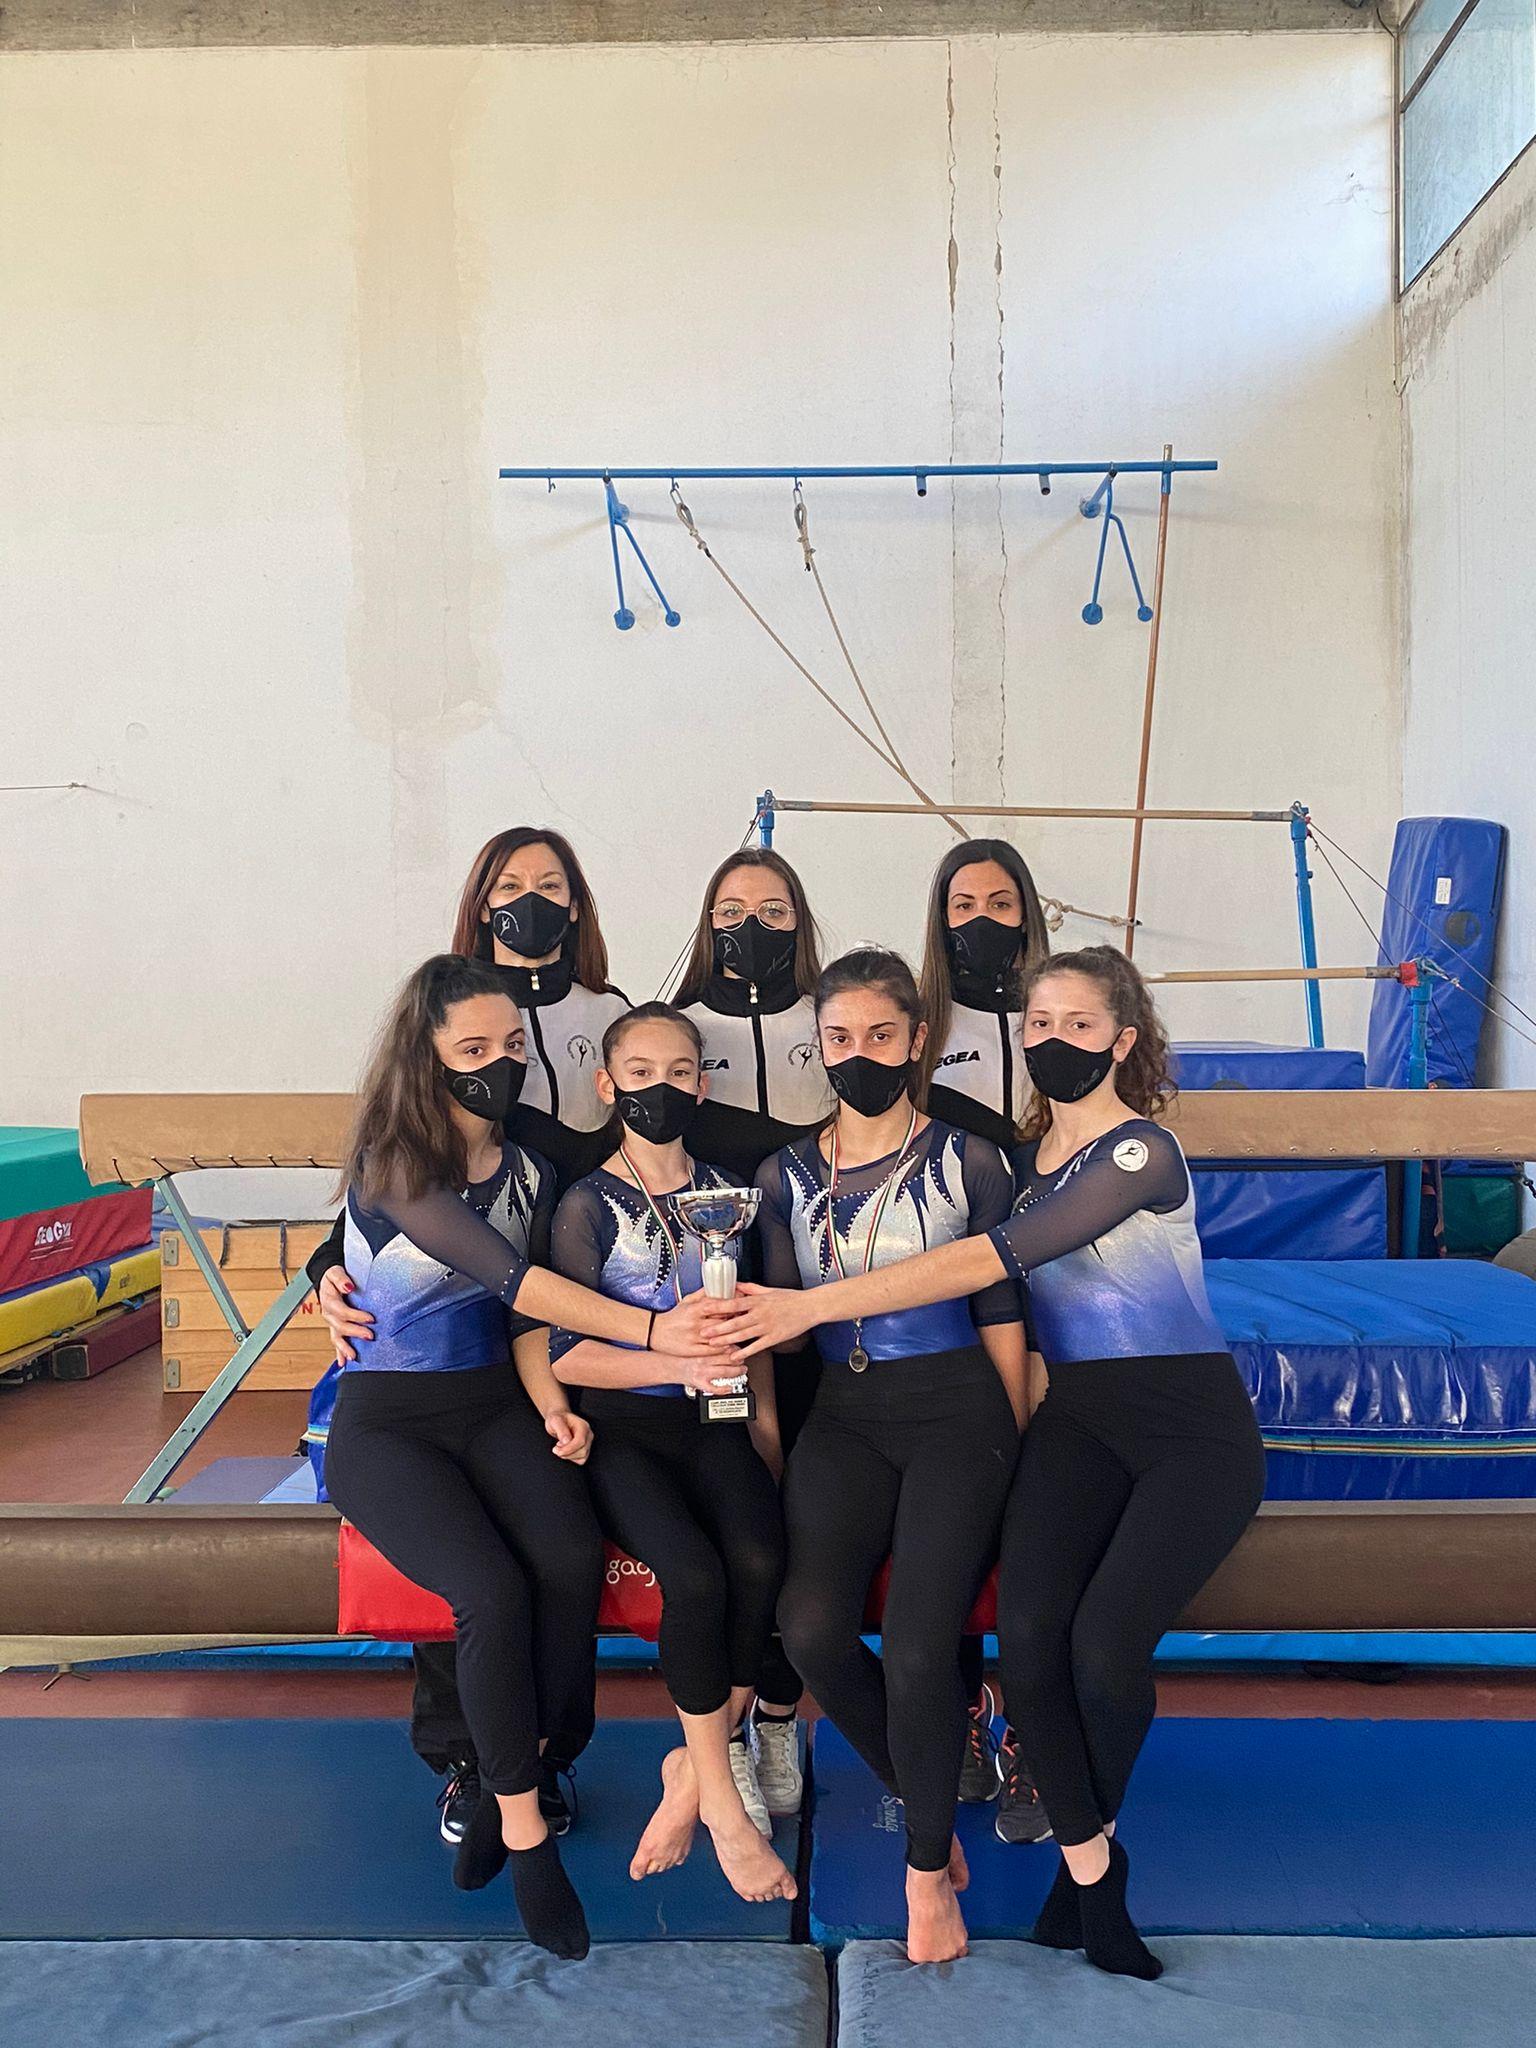 ginnastica-artistica-squadra-polisportiva-barbanella-uno-di-2^-division